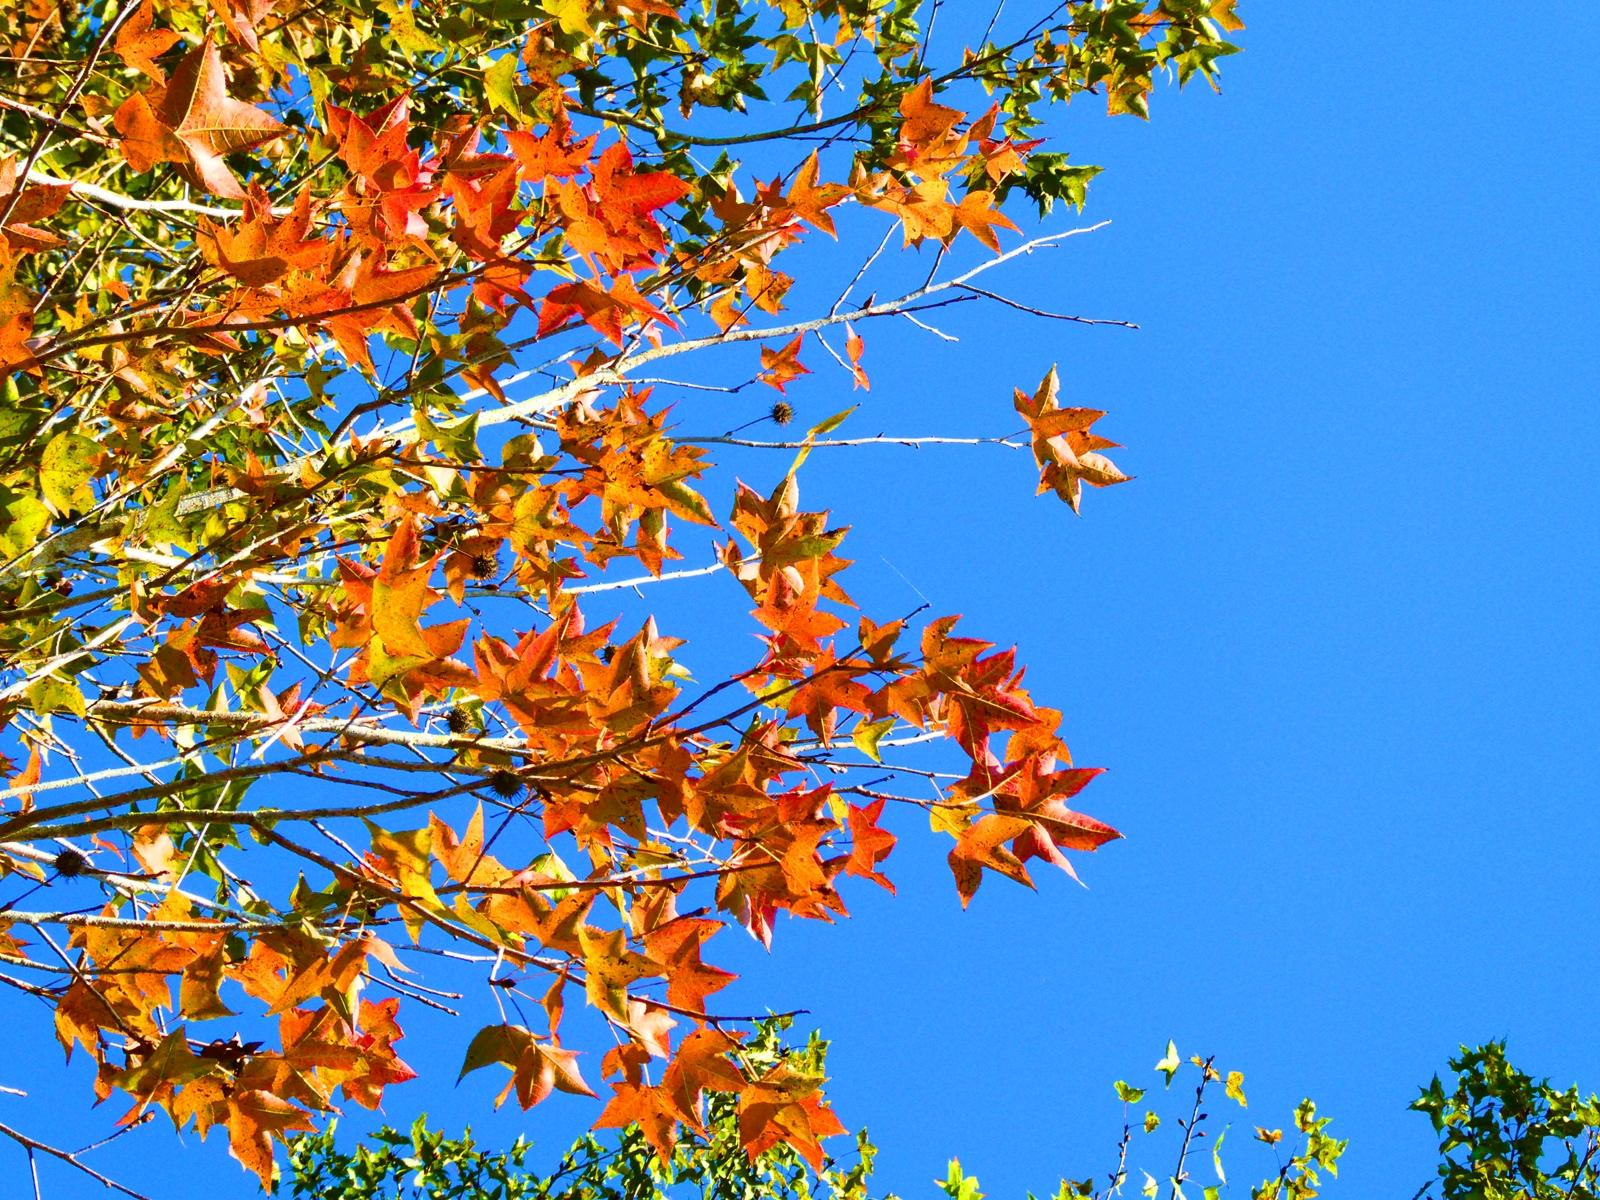 藍天紅葉 | 青空 | 楓香 | 三角楓 | 楓仔 | 大葉楓 | 大內國小校內神社遺跡 | 大內區 | 台南 | 臺灣 | Taiwan | RoundtripJp